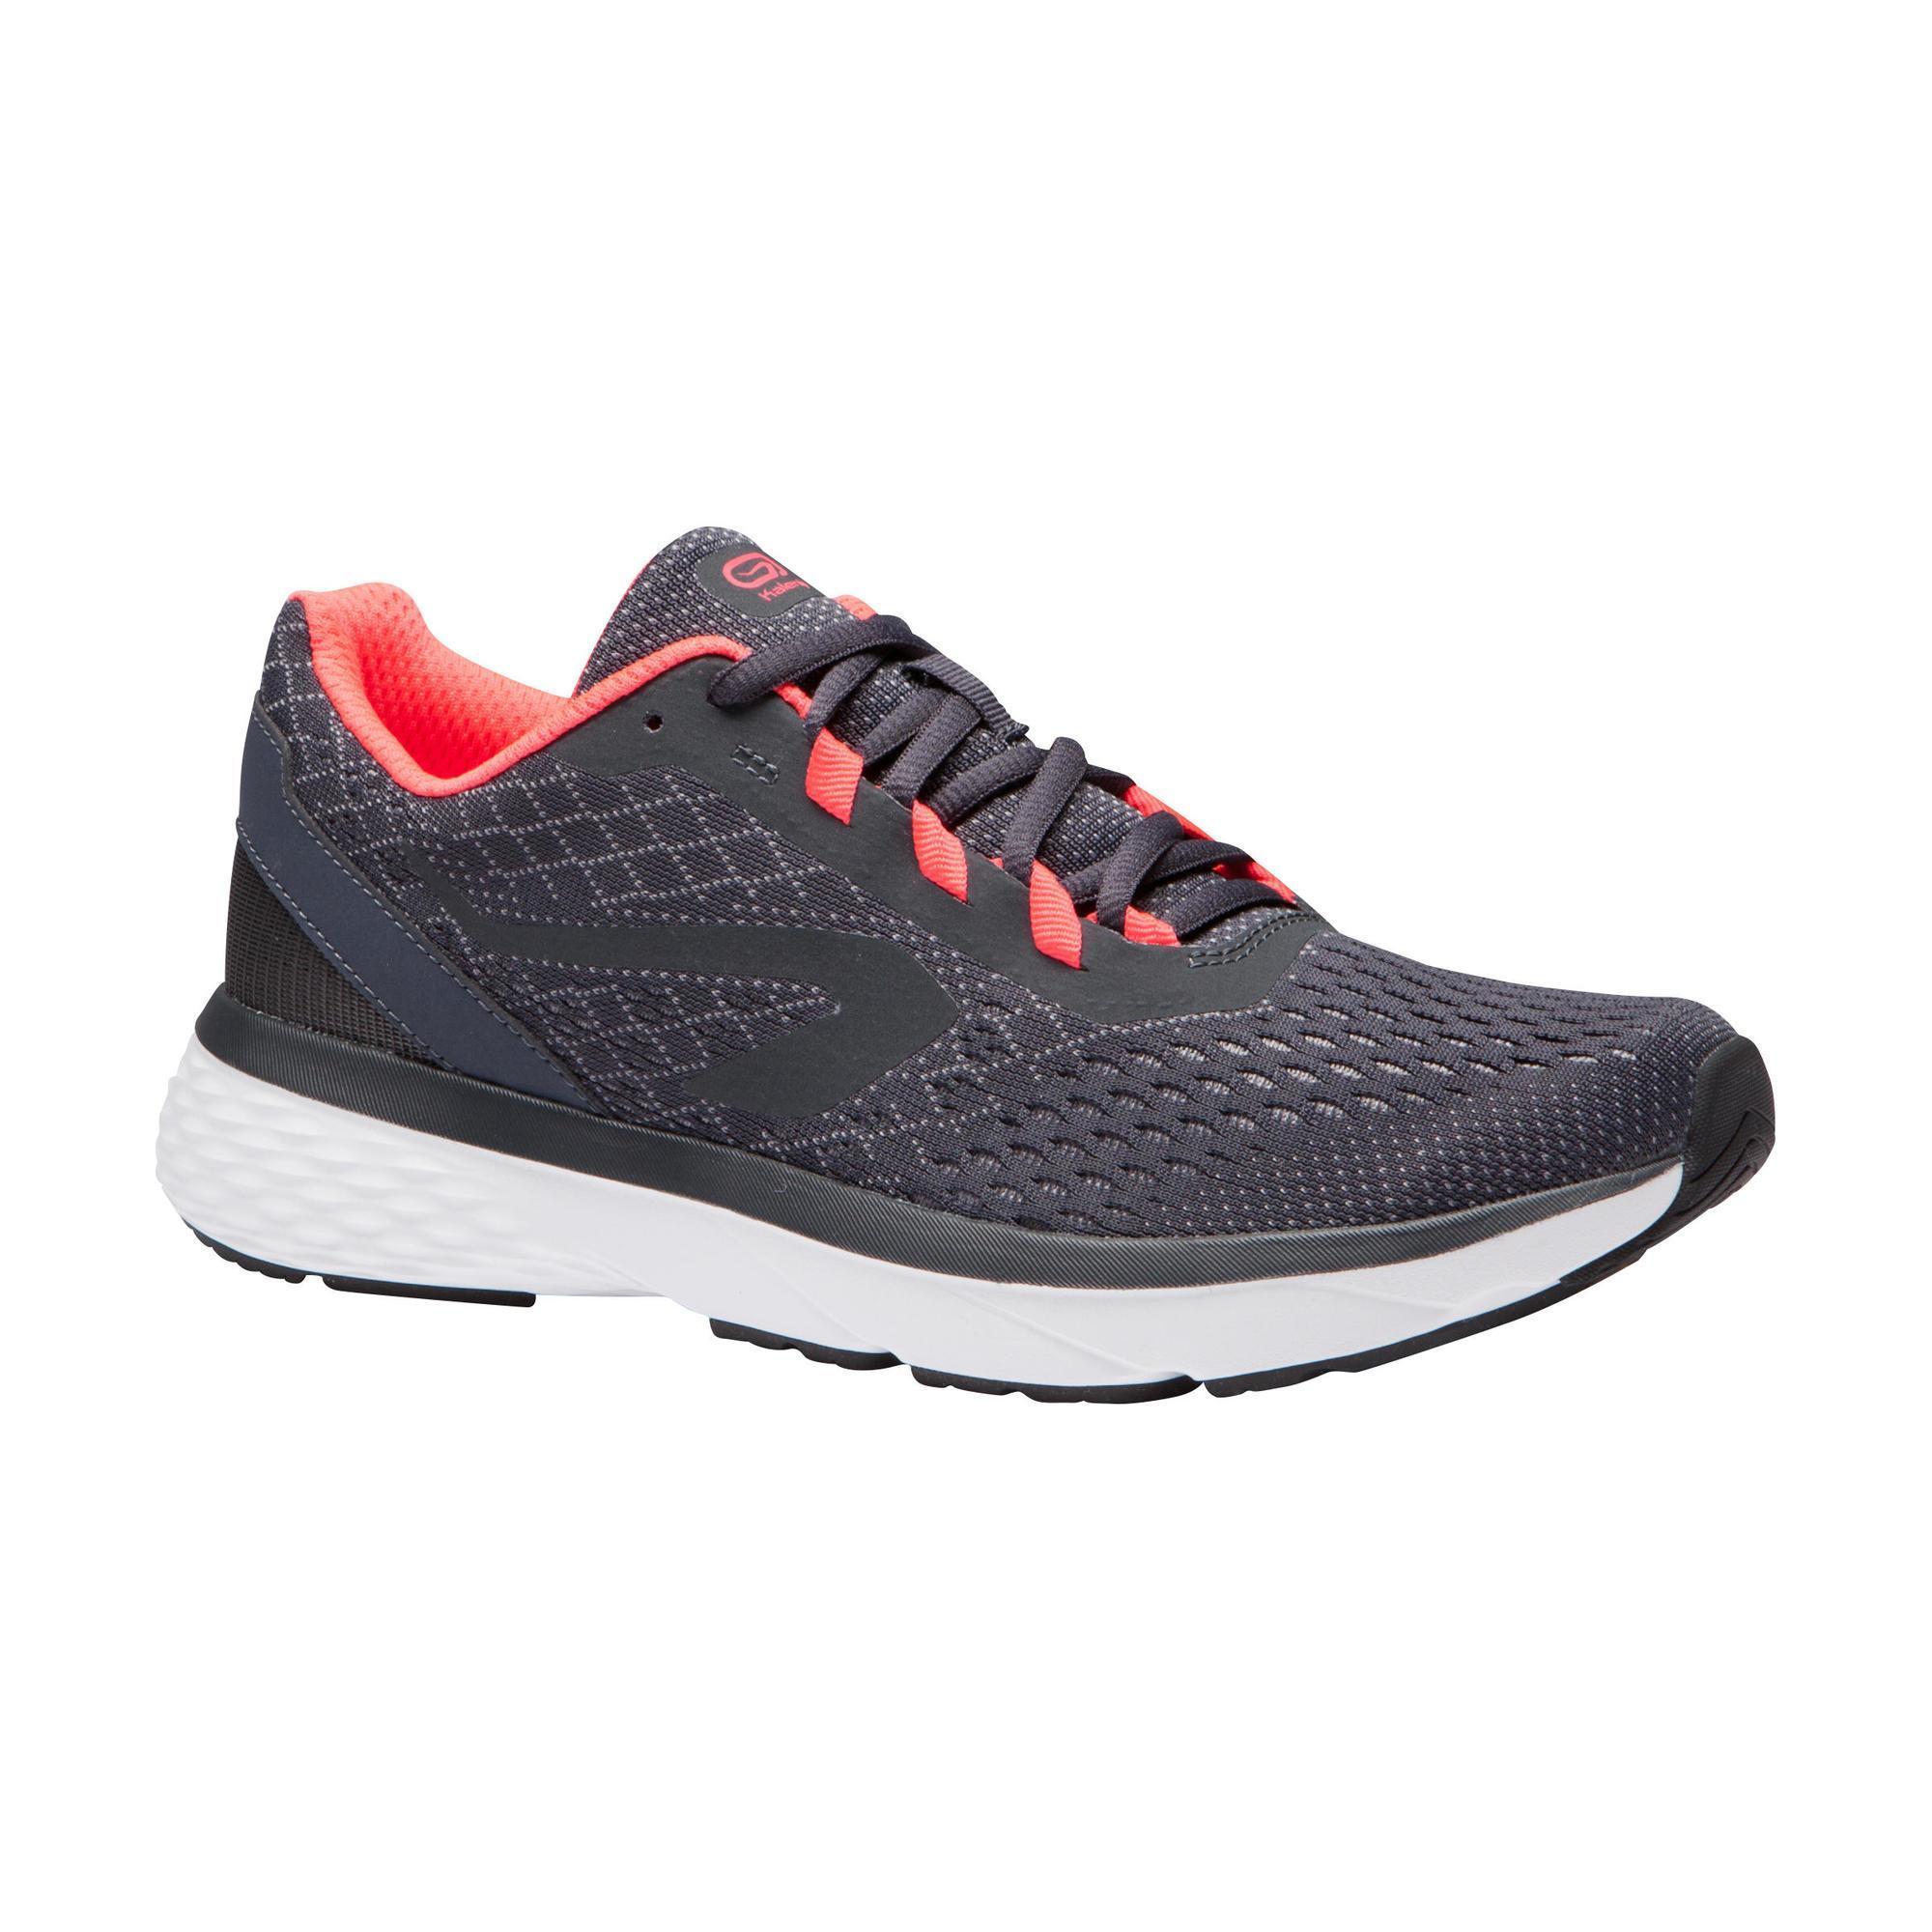 Laufschuhe Run Support Damen | Schuhe > Sportschuhe > Laufschuhe | Kalenji